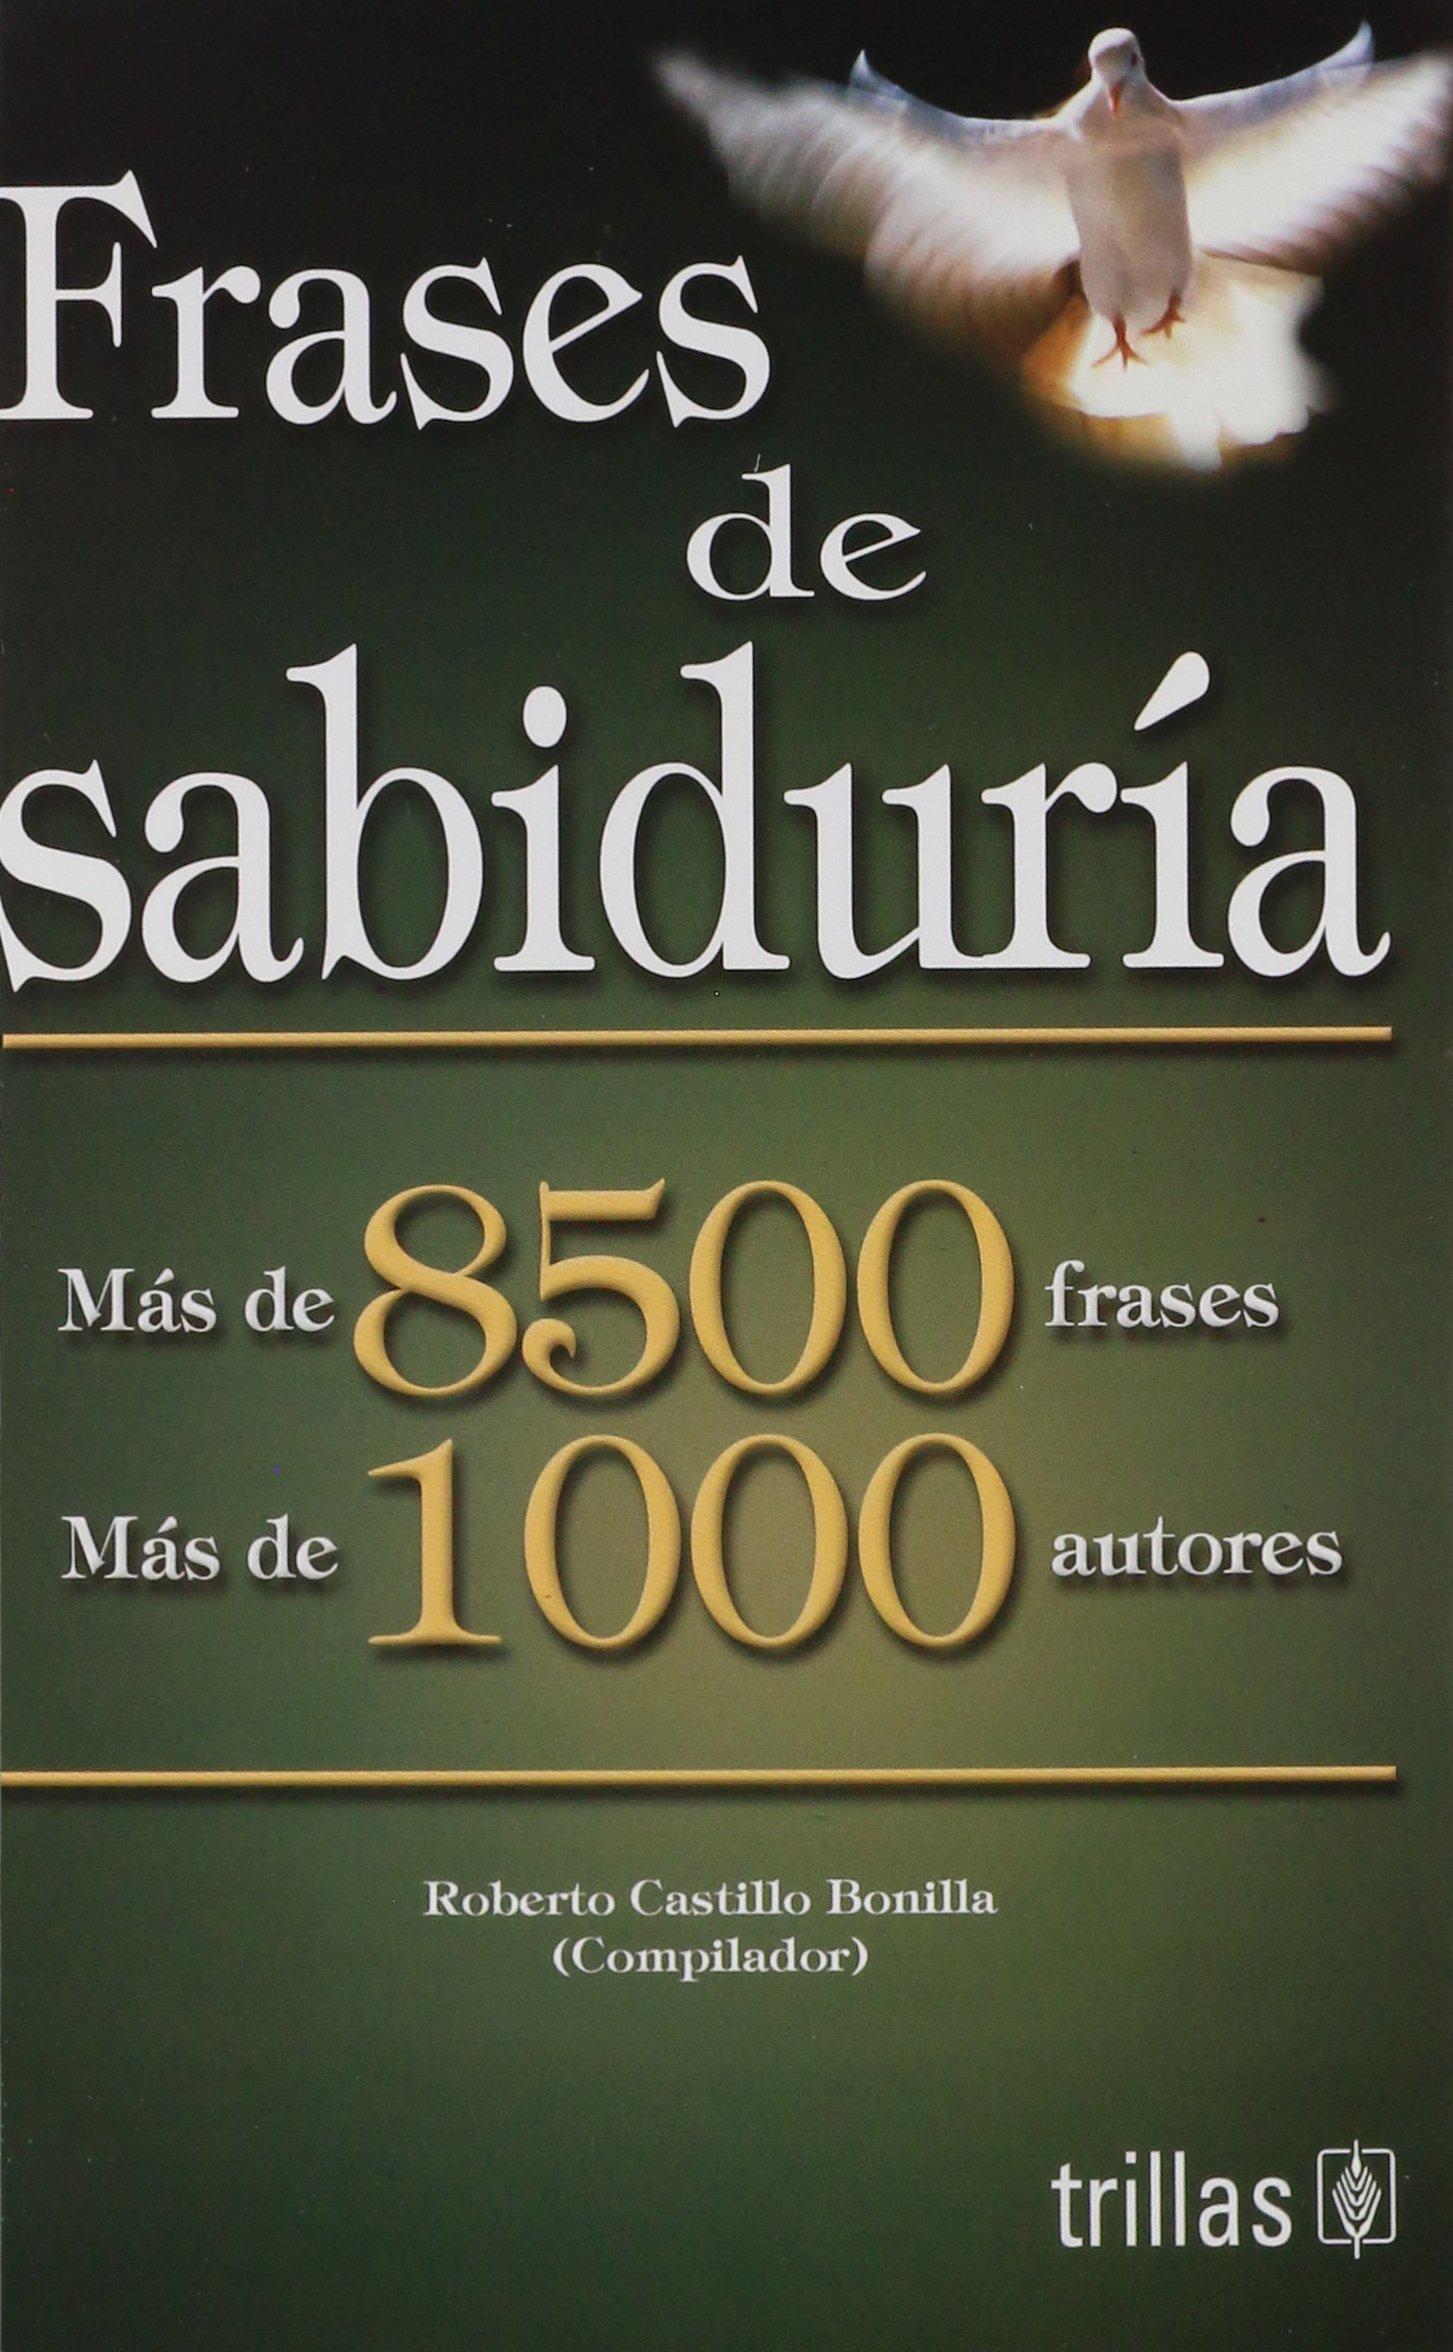 Frases de sabiduria/Phrases of Wisdom: Mas De 8500 Frases Mas De 1000 Autores/More Than 8500 Phrases over 1000 Authors: Amazon.es: Roberto Castillo Bonilla: ...